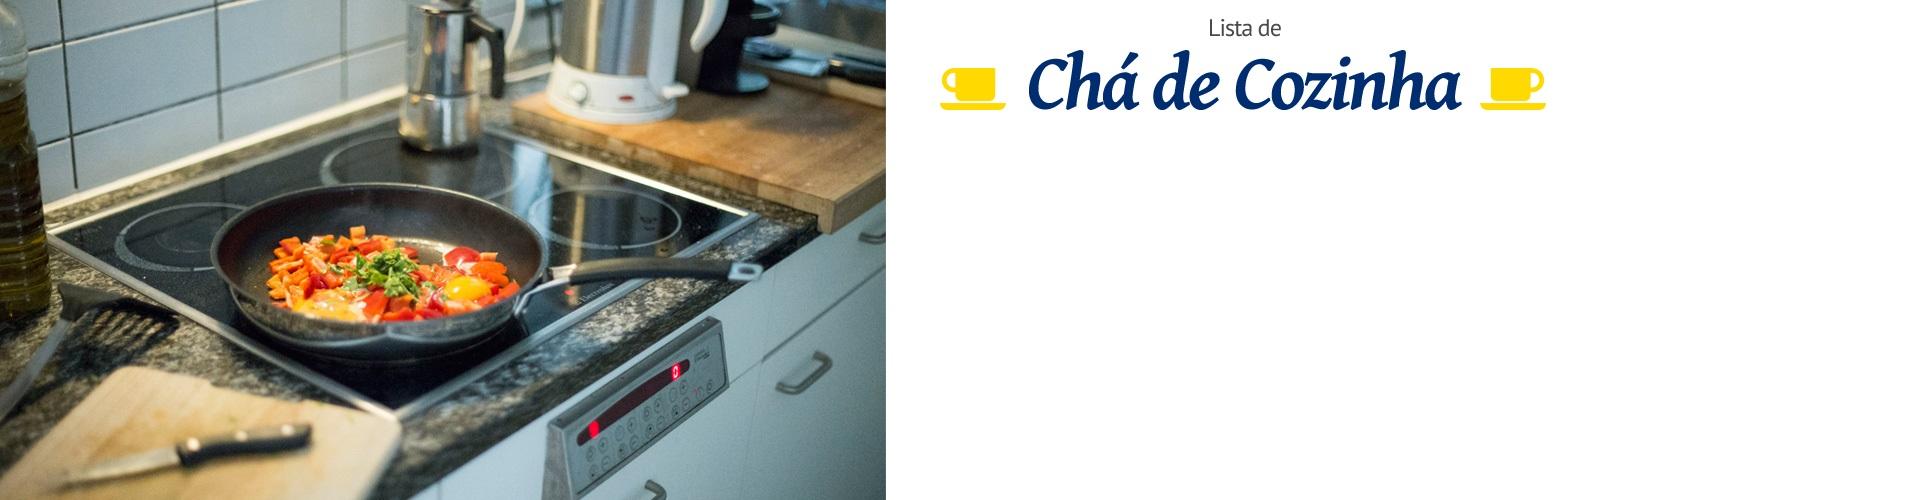 Lista De Ch De Cozinha Loja Sebem Equipamentos E Utilidades